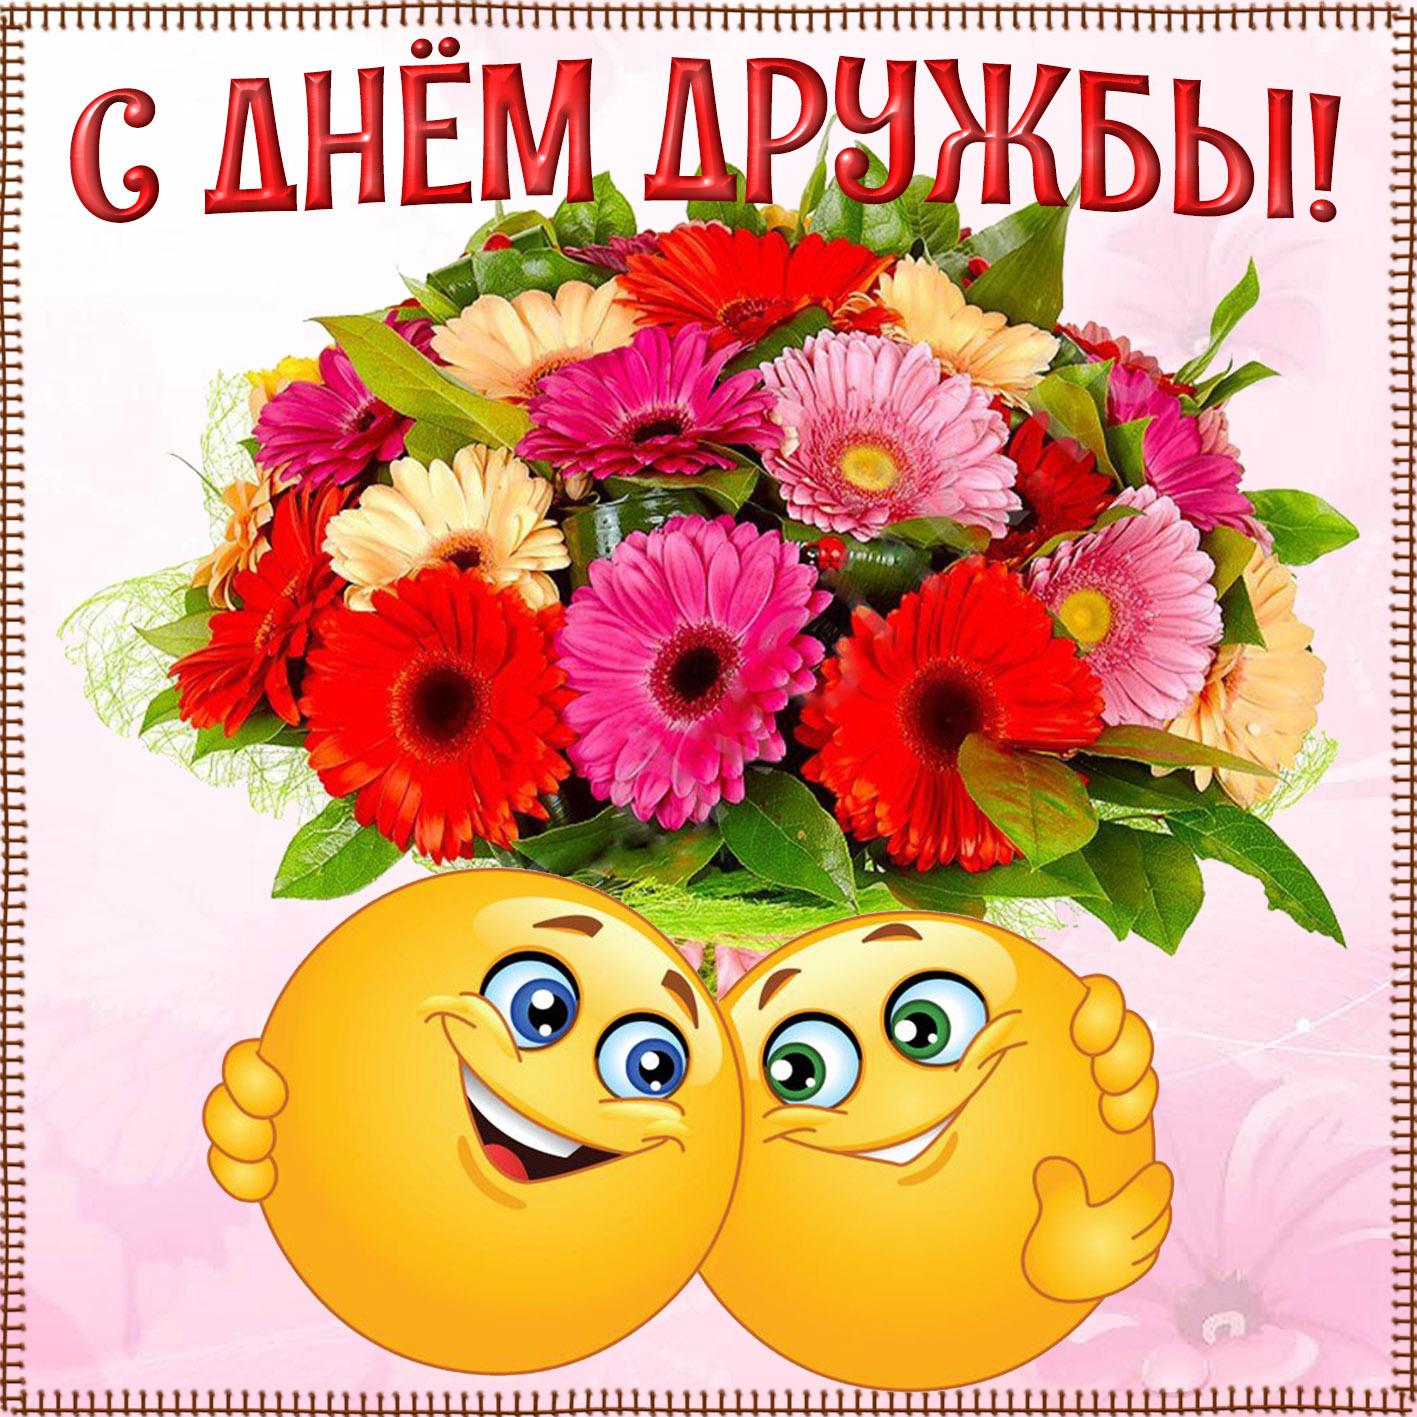 Открытка - смайлики поздравляют с Днём дружбы и дарят букет